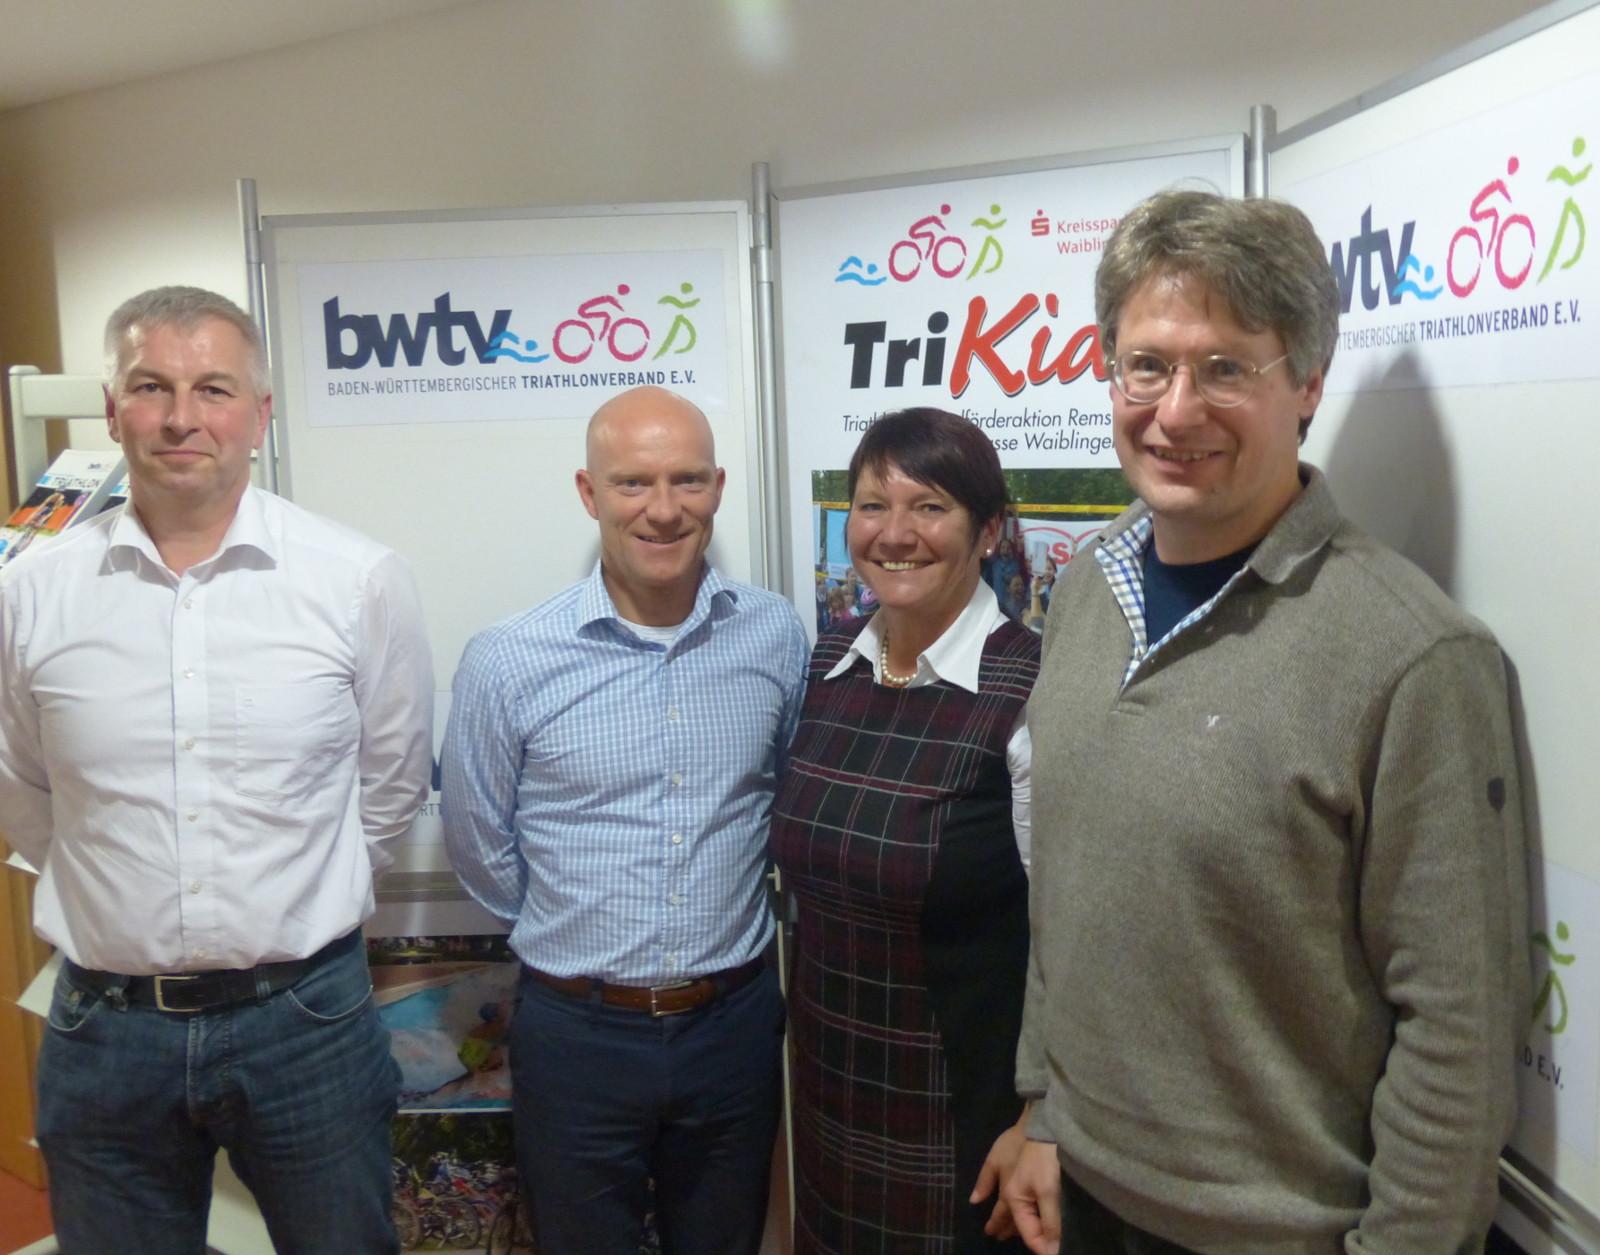 Das Präsidium des BWTV mit LSV Präsidentin Elvira Menzer-Haasis (von links): Alfred Schmidt, Jörg Schneider, Bernhard Thie. (Foto: Peter Mayerlen)